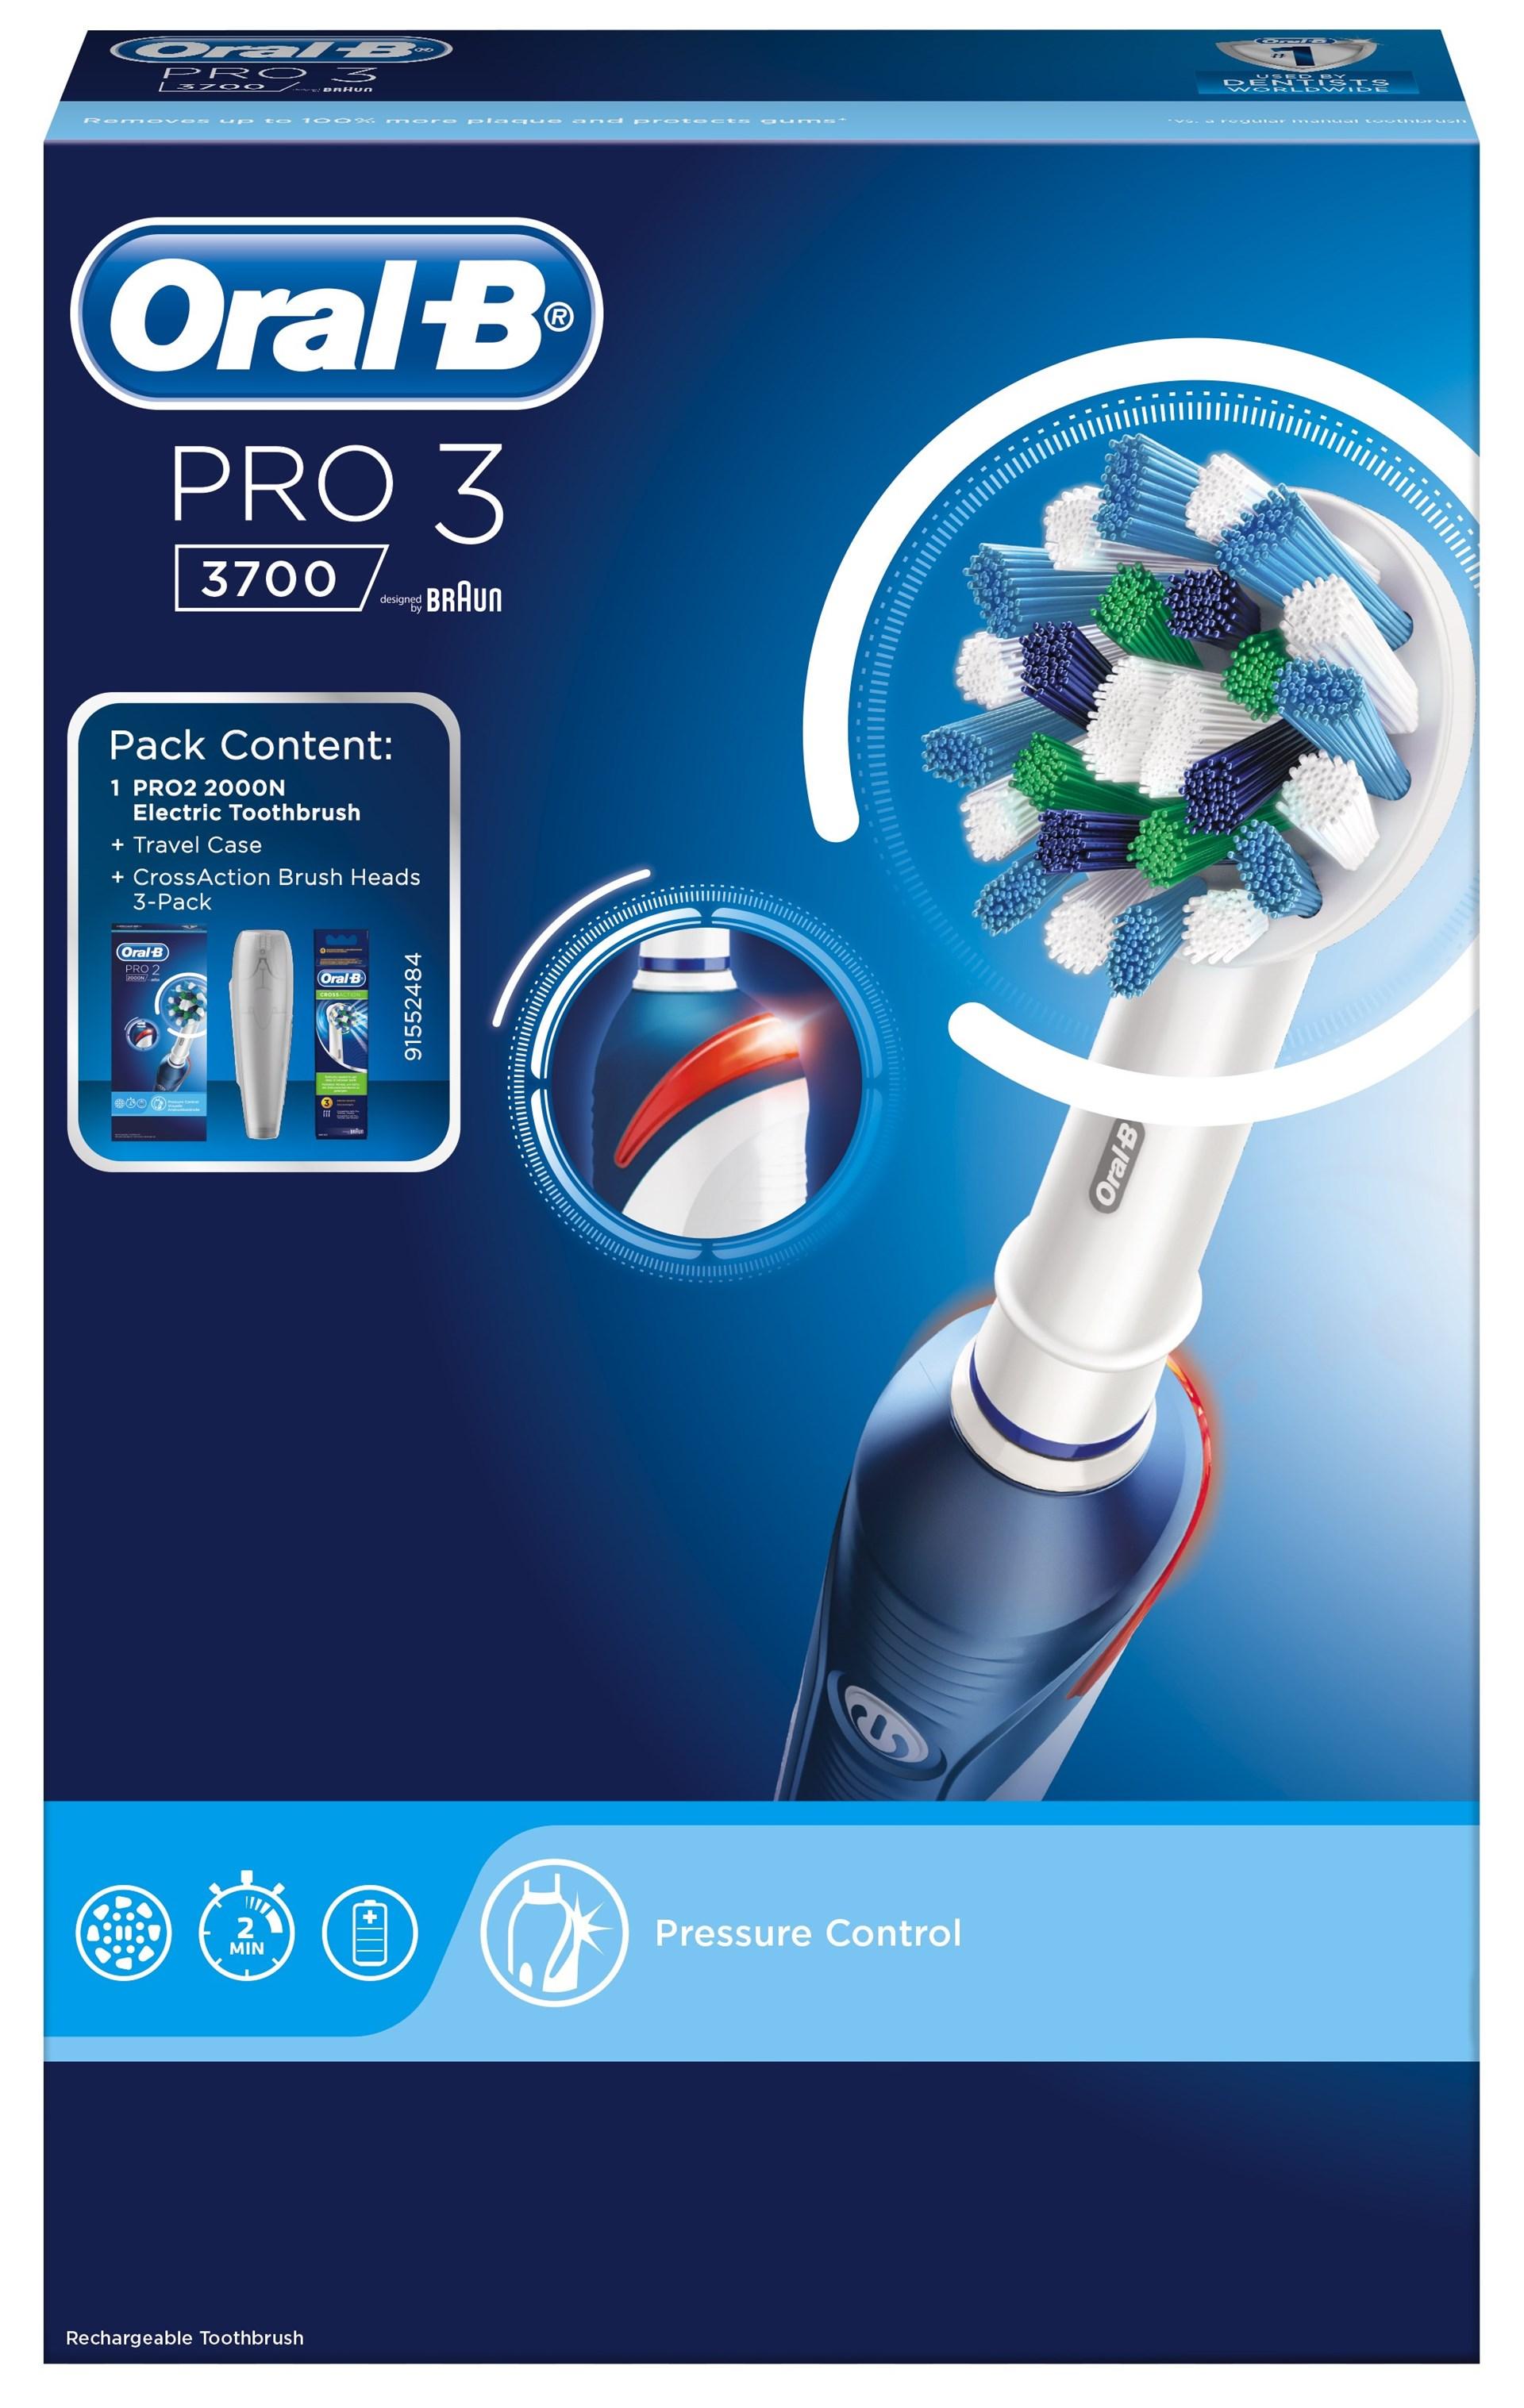 Eltandborste - vitare och friskare tänder - NetOnNet - NetOnNet 8ec5079a162e2